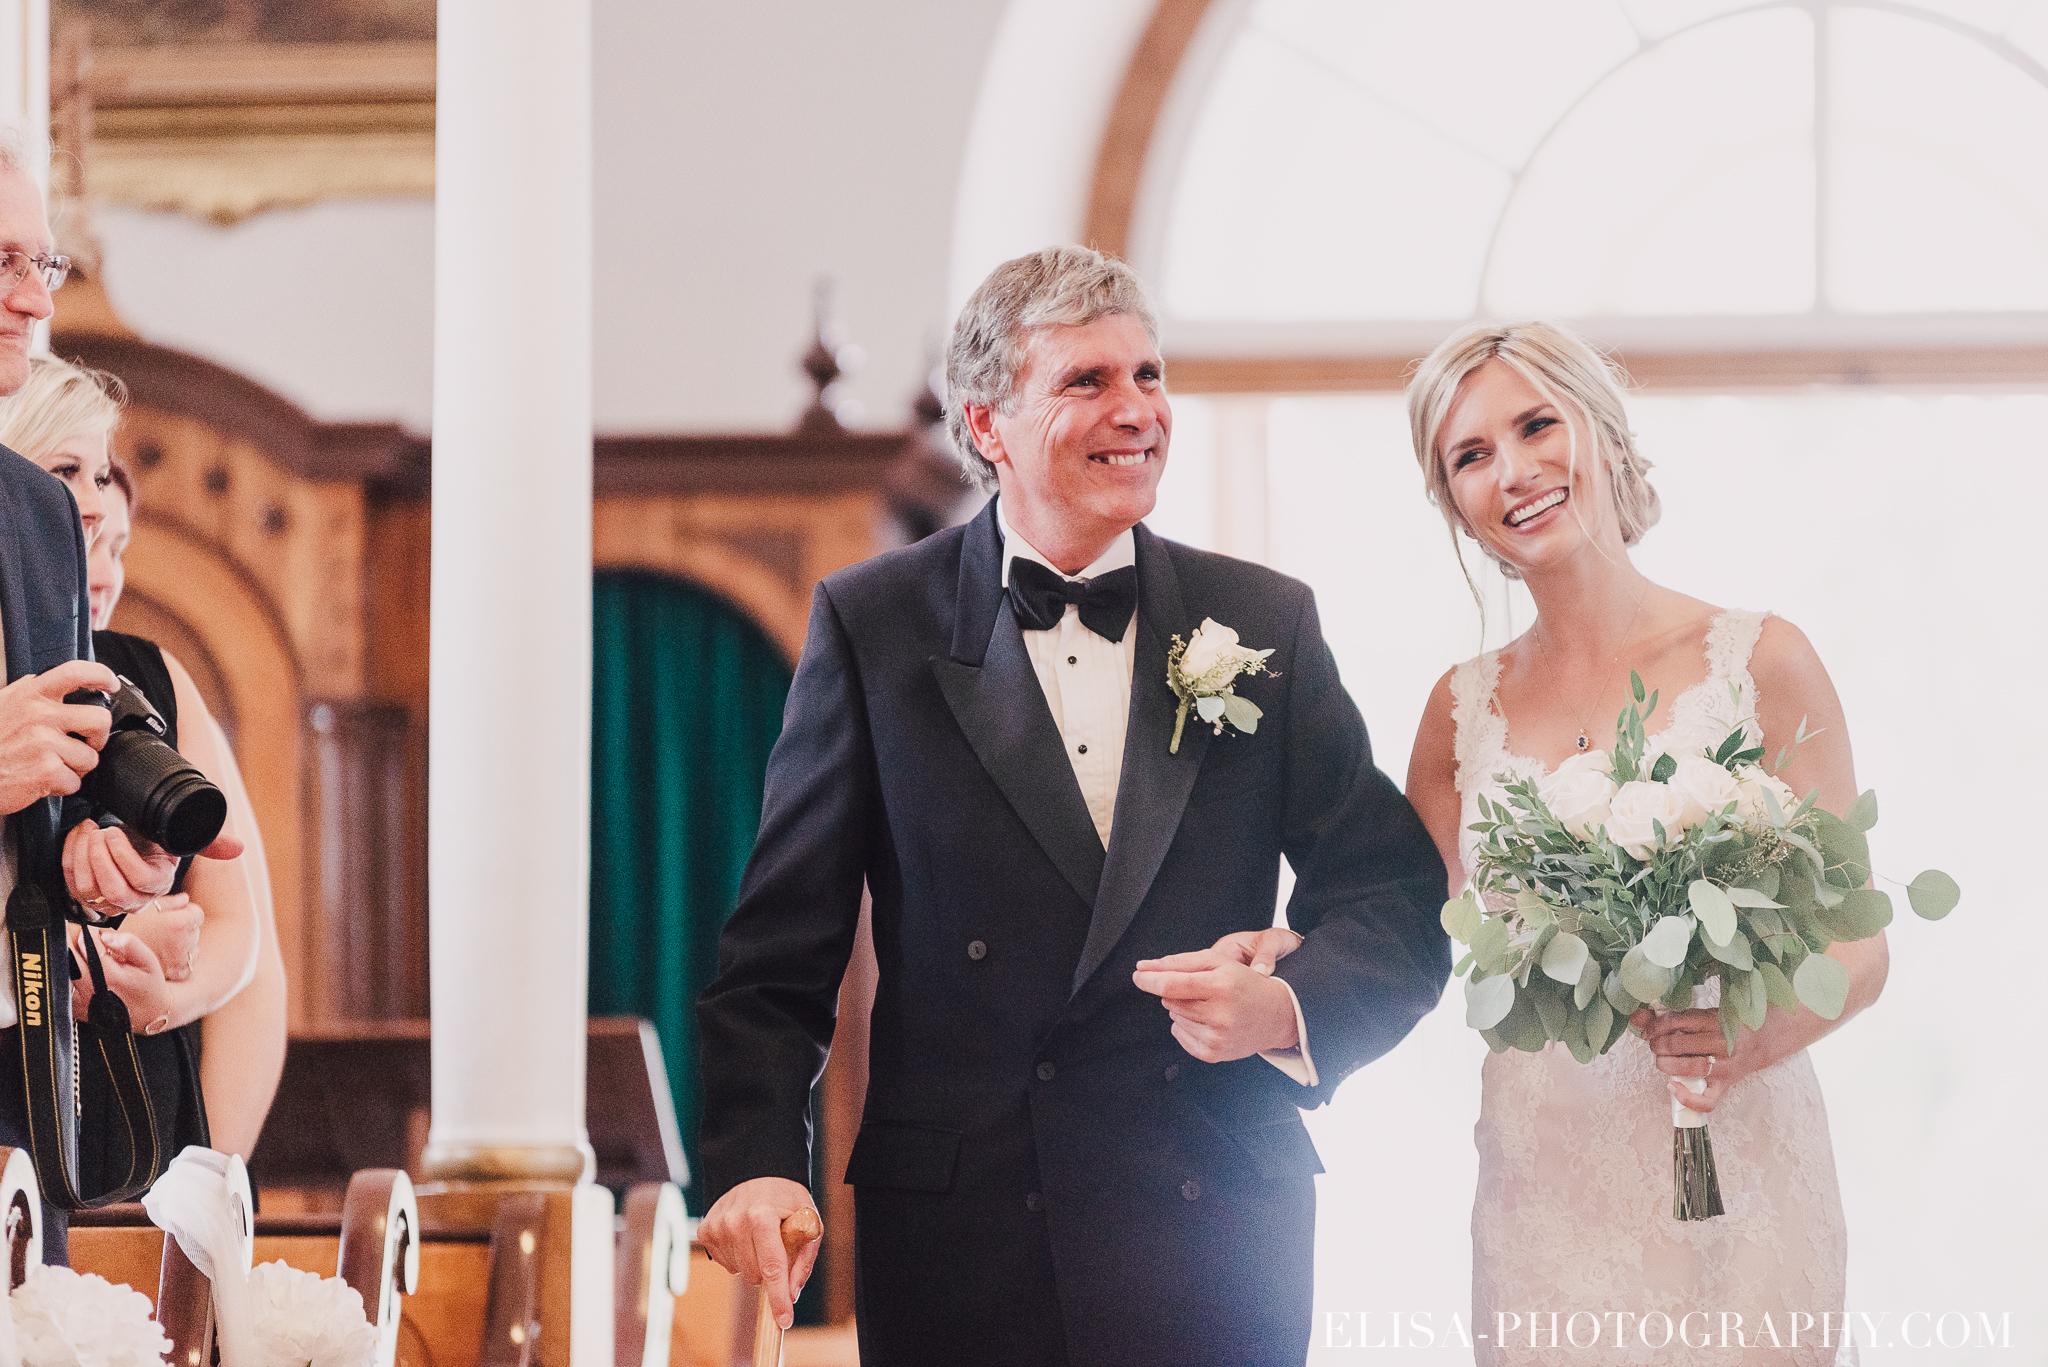 photo mariage entree de la mariee eglise domaine prive estate bord de l eau 3445 - Mariage sur un domaine privé au bord de l'eau: Emmanuelle & Marc-Antoine